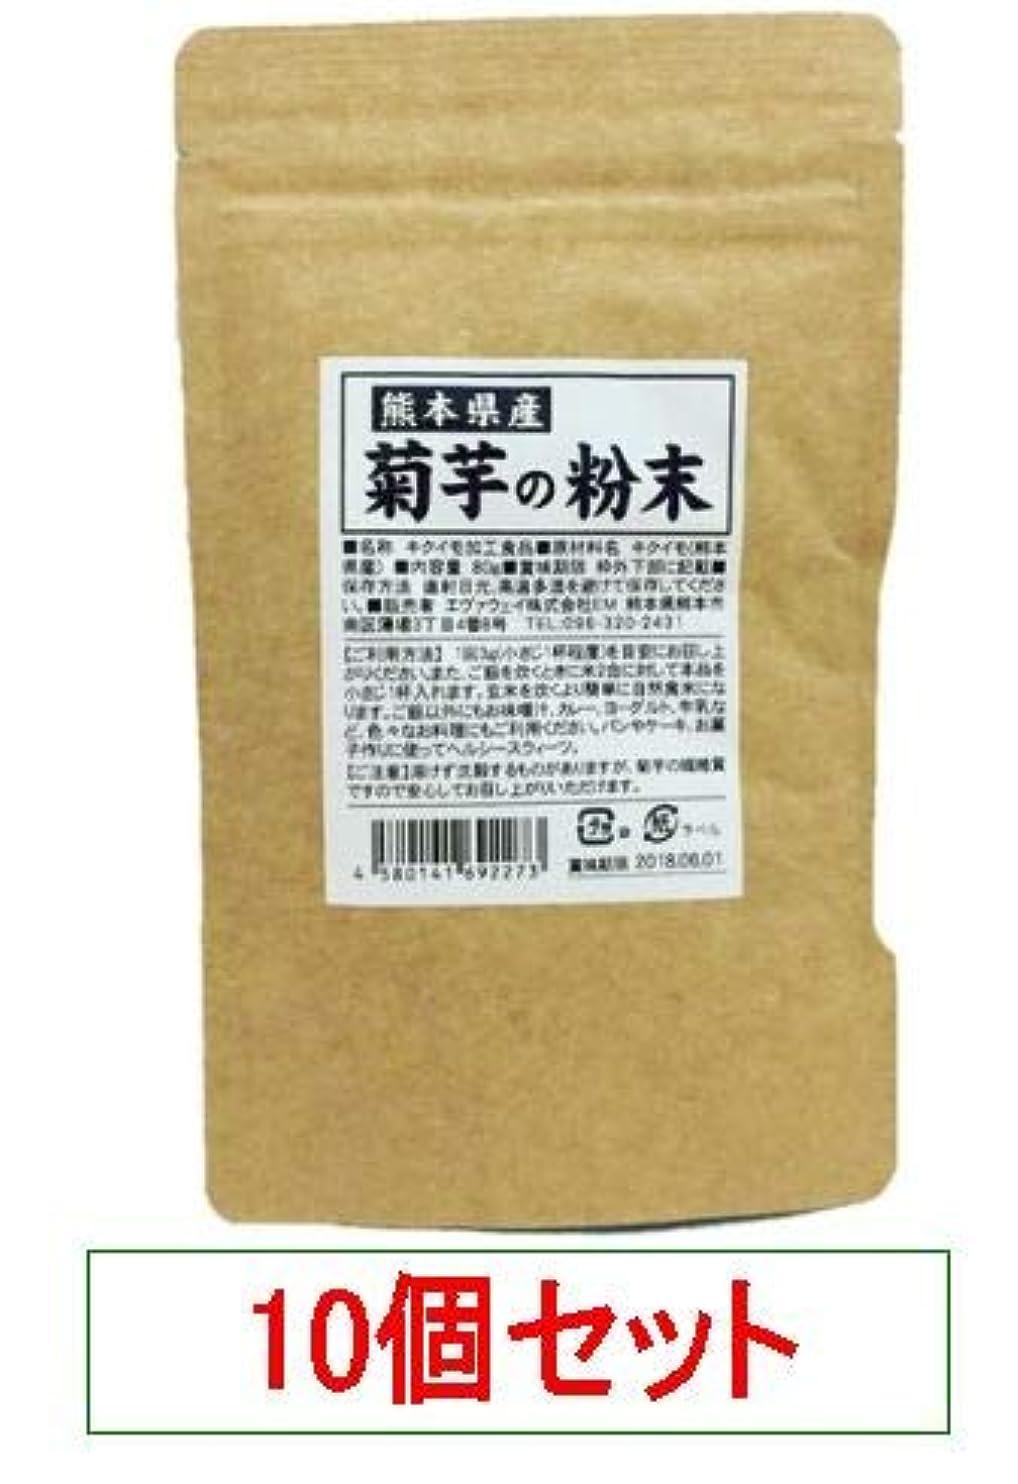 一部フリンジ緊張熊本県産 菊芋の粉末 エヴァウェイ 80gX10個セット